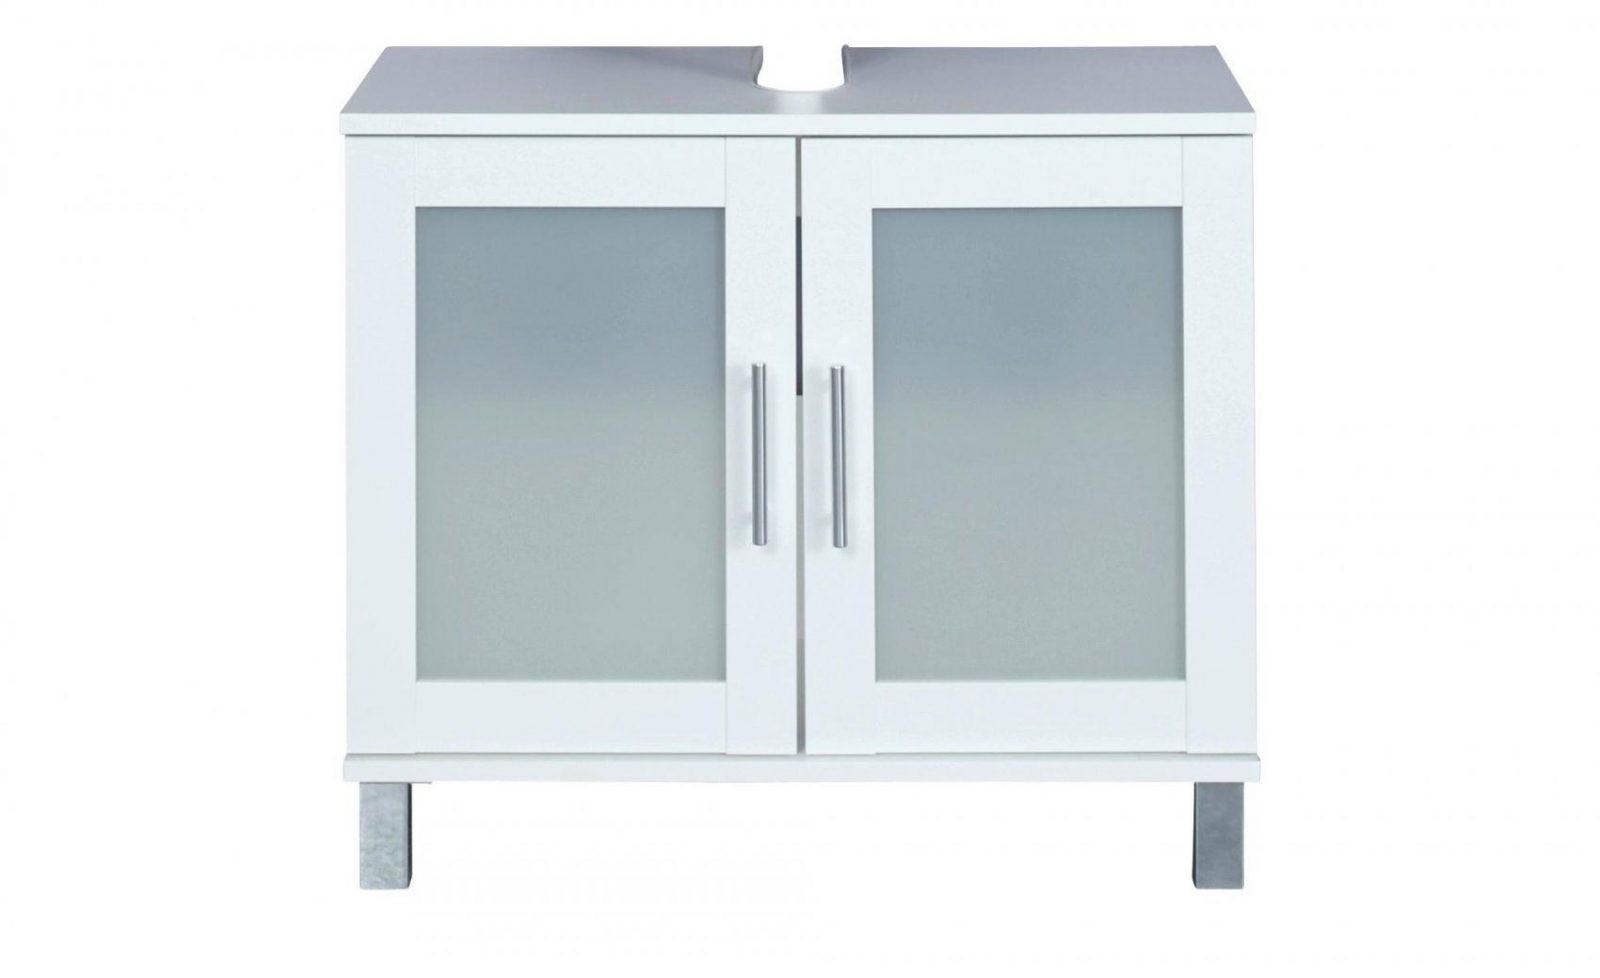 Waschbeckenunterschrank Orthsee Ikea Bad 50 Cm Breit Kleines von Badezimmer Unterschrank 50 Cm Breit Bild